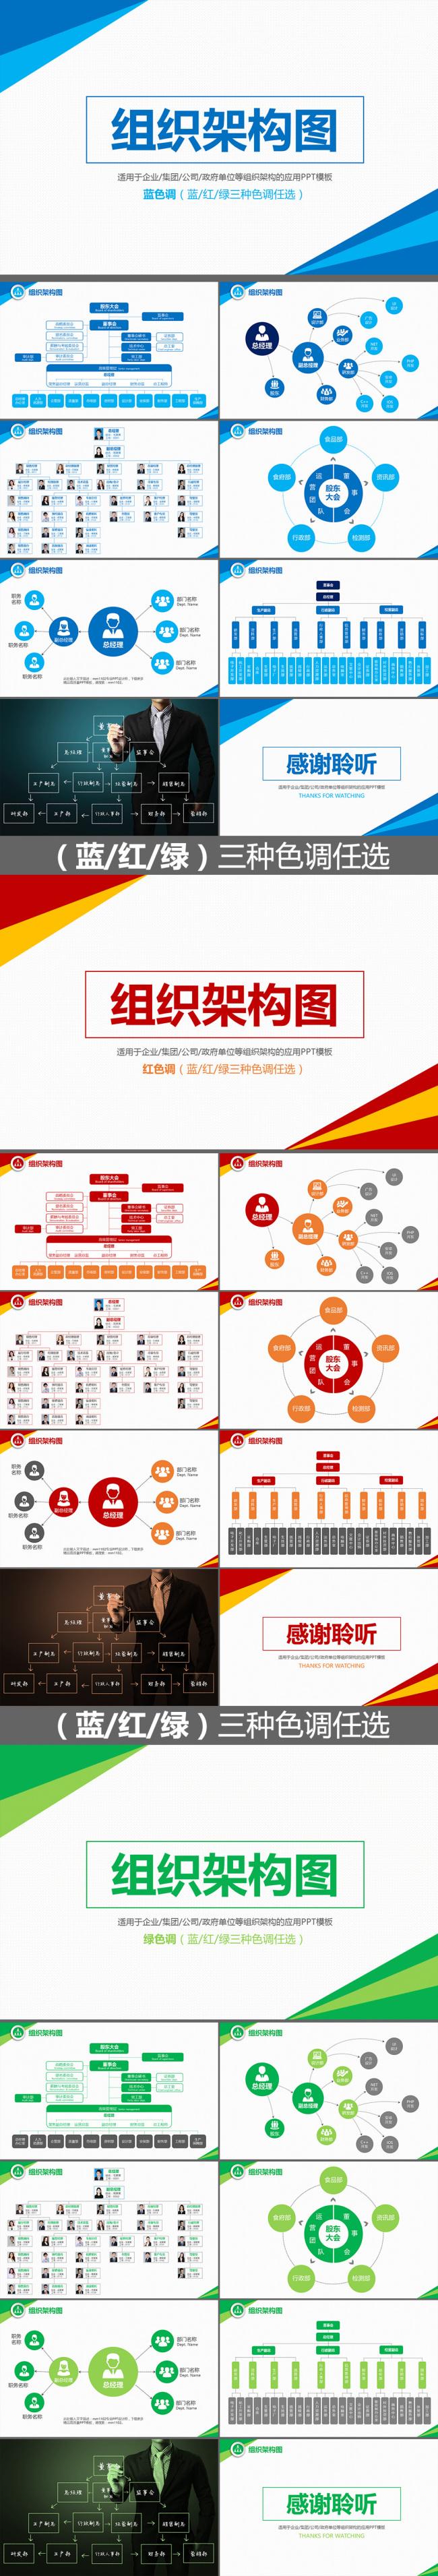 我图网提供独家原创企业组织架构图PPT模板公司结构图大全正版素材下载, 此素材为原创版权图片,图片 人物画像仅供参考禁止商用,作品体积为,是设计师mm1102在2016-07-24 18:34:39上传, 素材尺寸/像素为-高清品质图片-分辨率为, 颜色模式为,所属组织架构图分类,此原创格式素材图片已被下载199次,被收藏275次,作品模板源文件下载后可在本地用软件 PowerPoint 2013(.